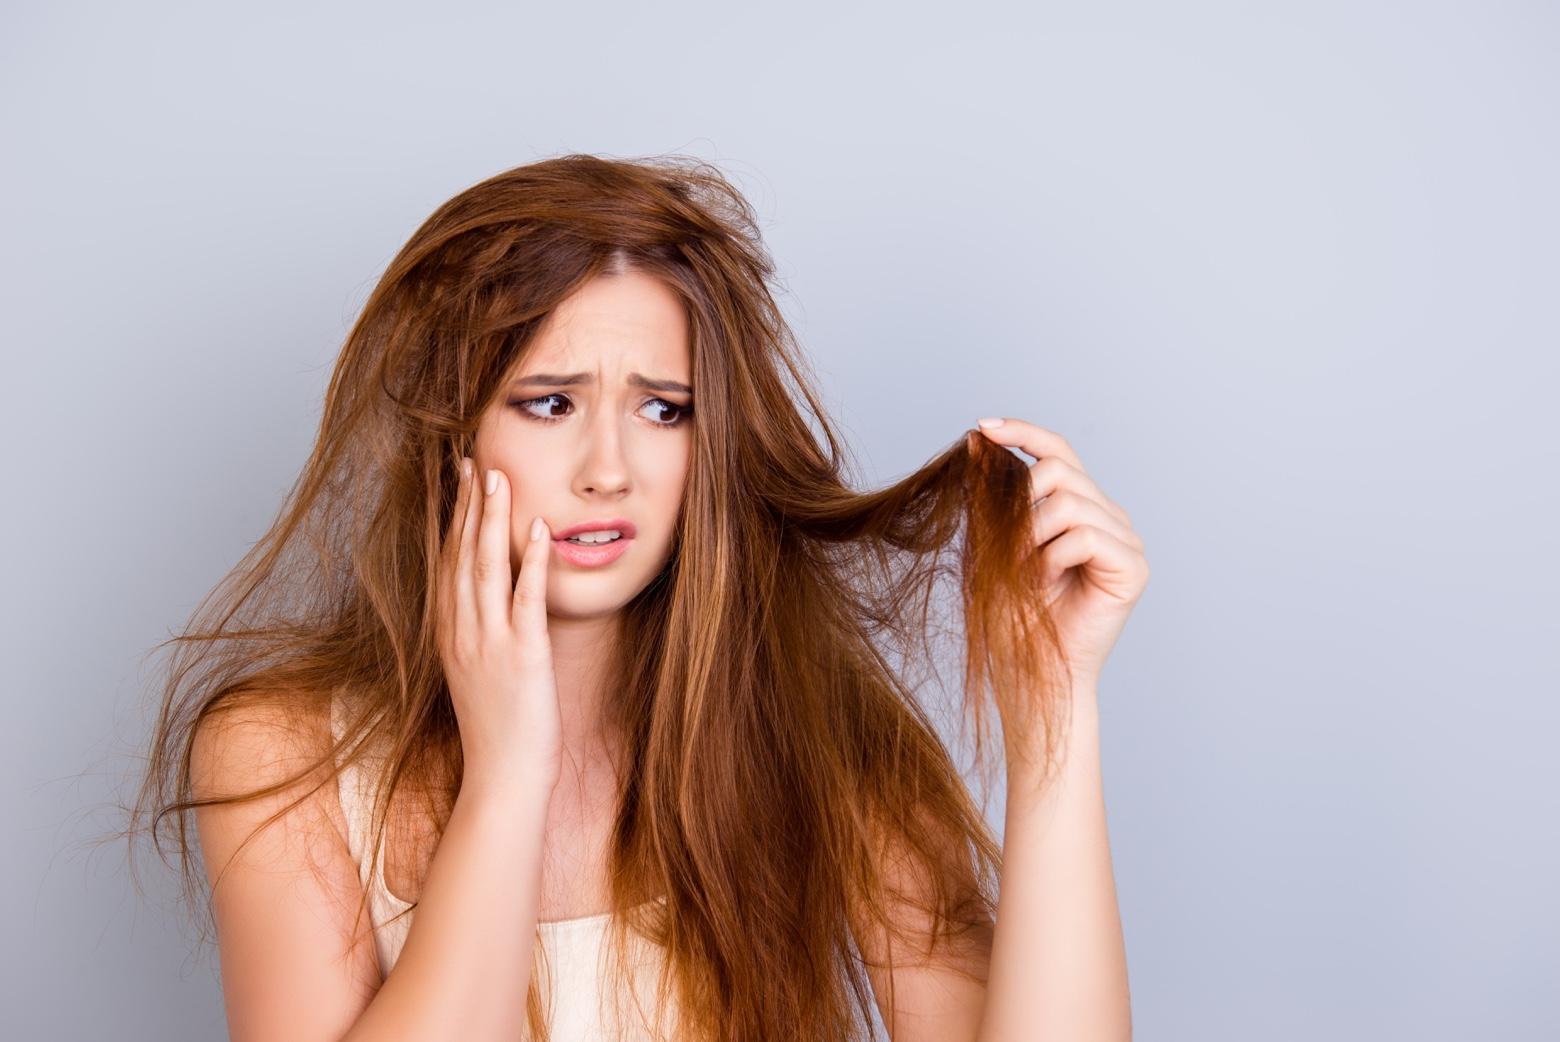 「dry hair」的圖片搜尋結果